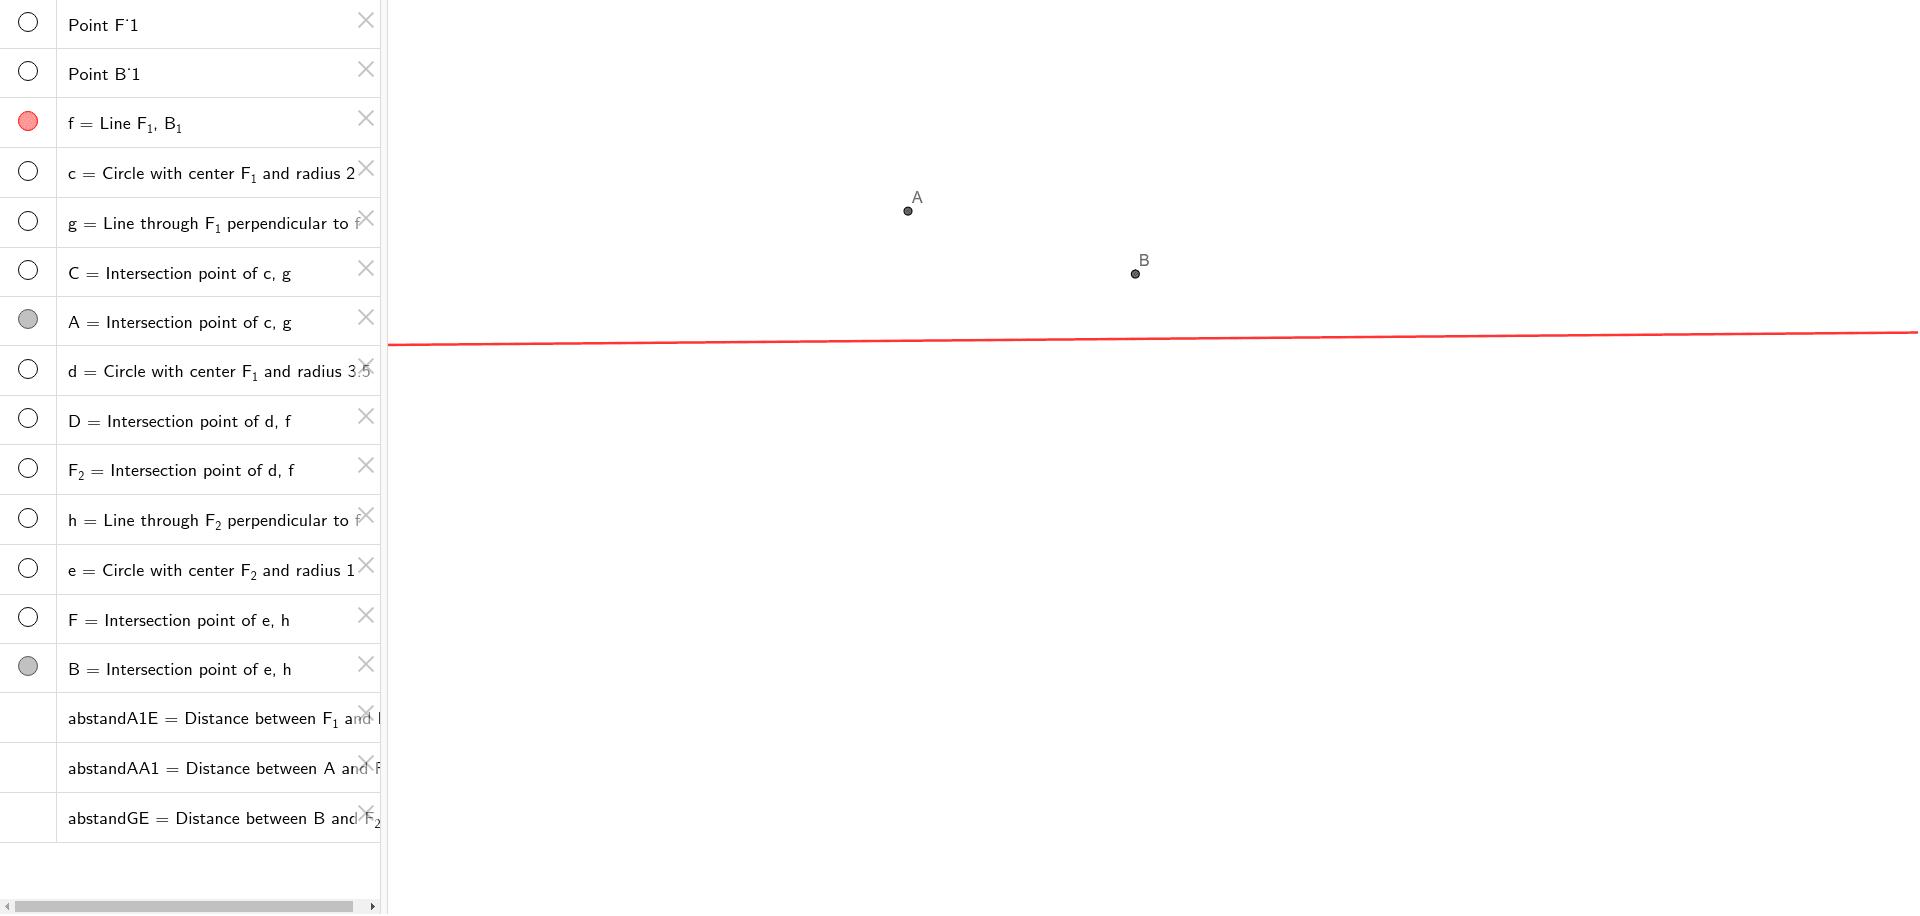 Planen mit Geometrie und DGS - Neue Wege 110/22 - 7f Buckhorn Frübis